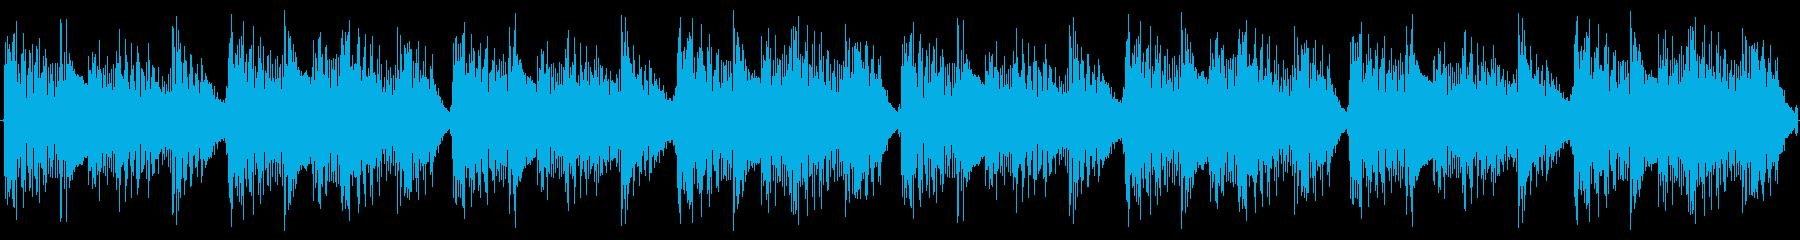 かわいいEDMの小ループの再生済みの波形